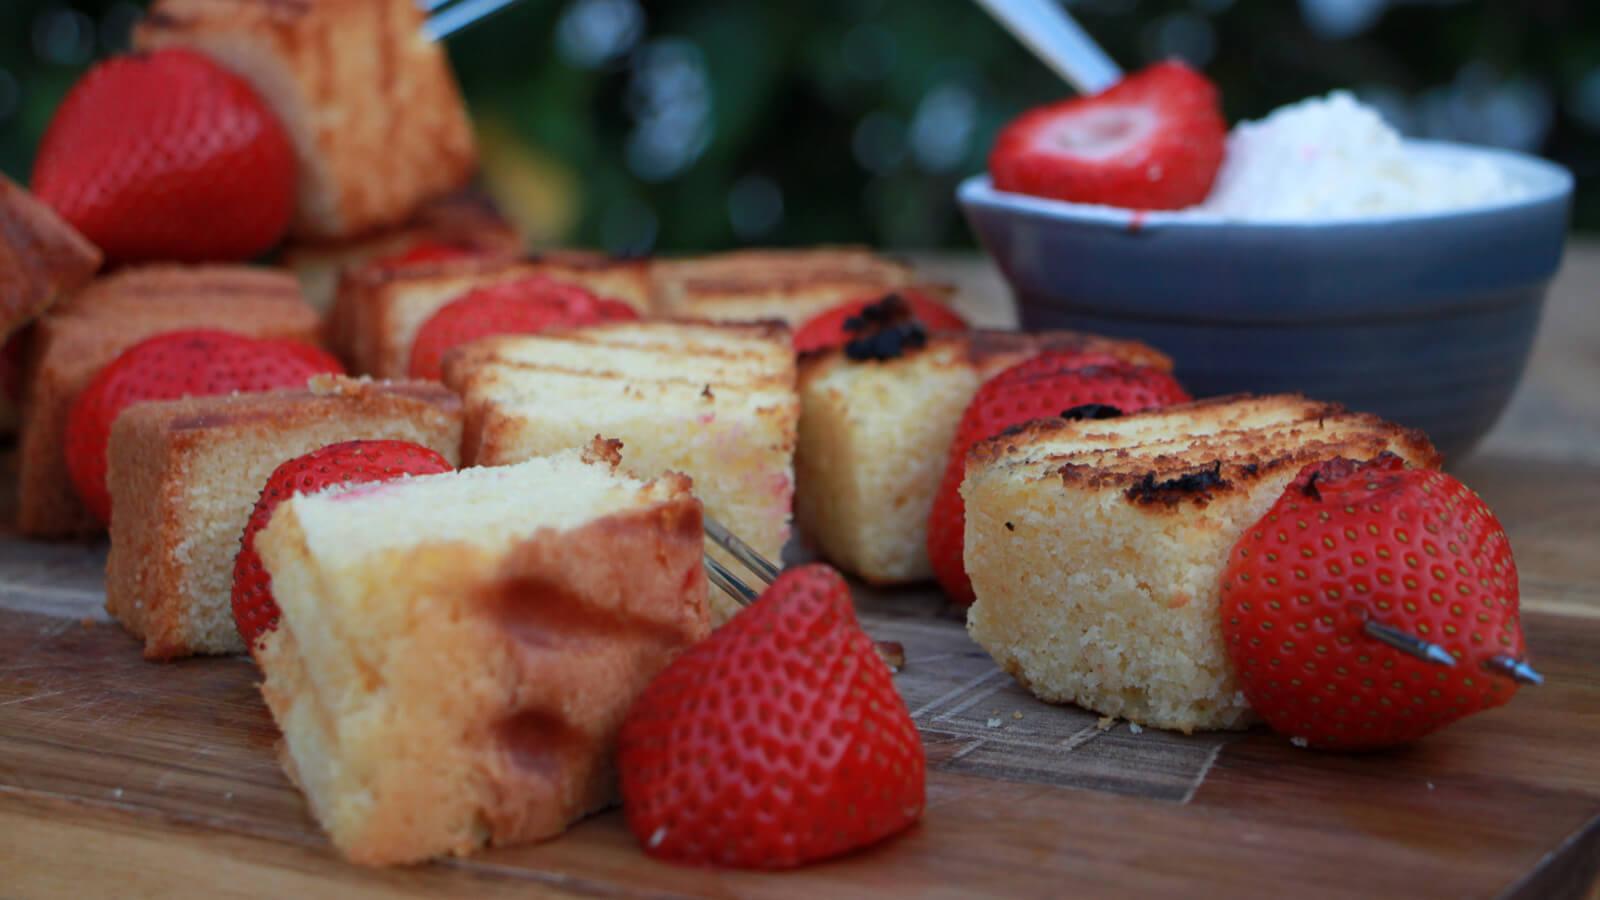 Toetje van de BBQ? Probeer deze cakespiesen met aardbei!